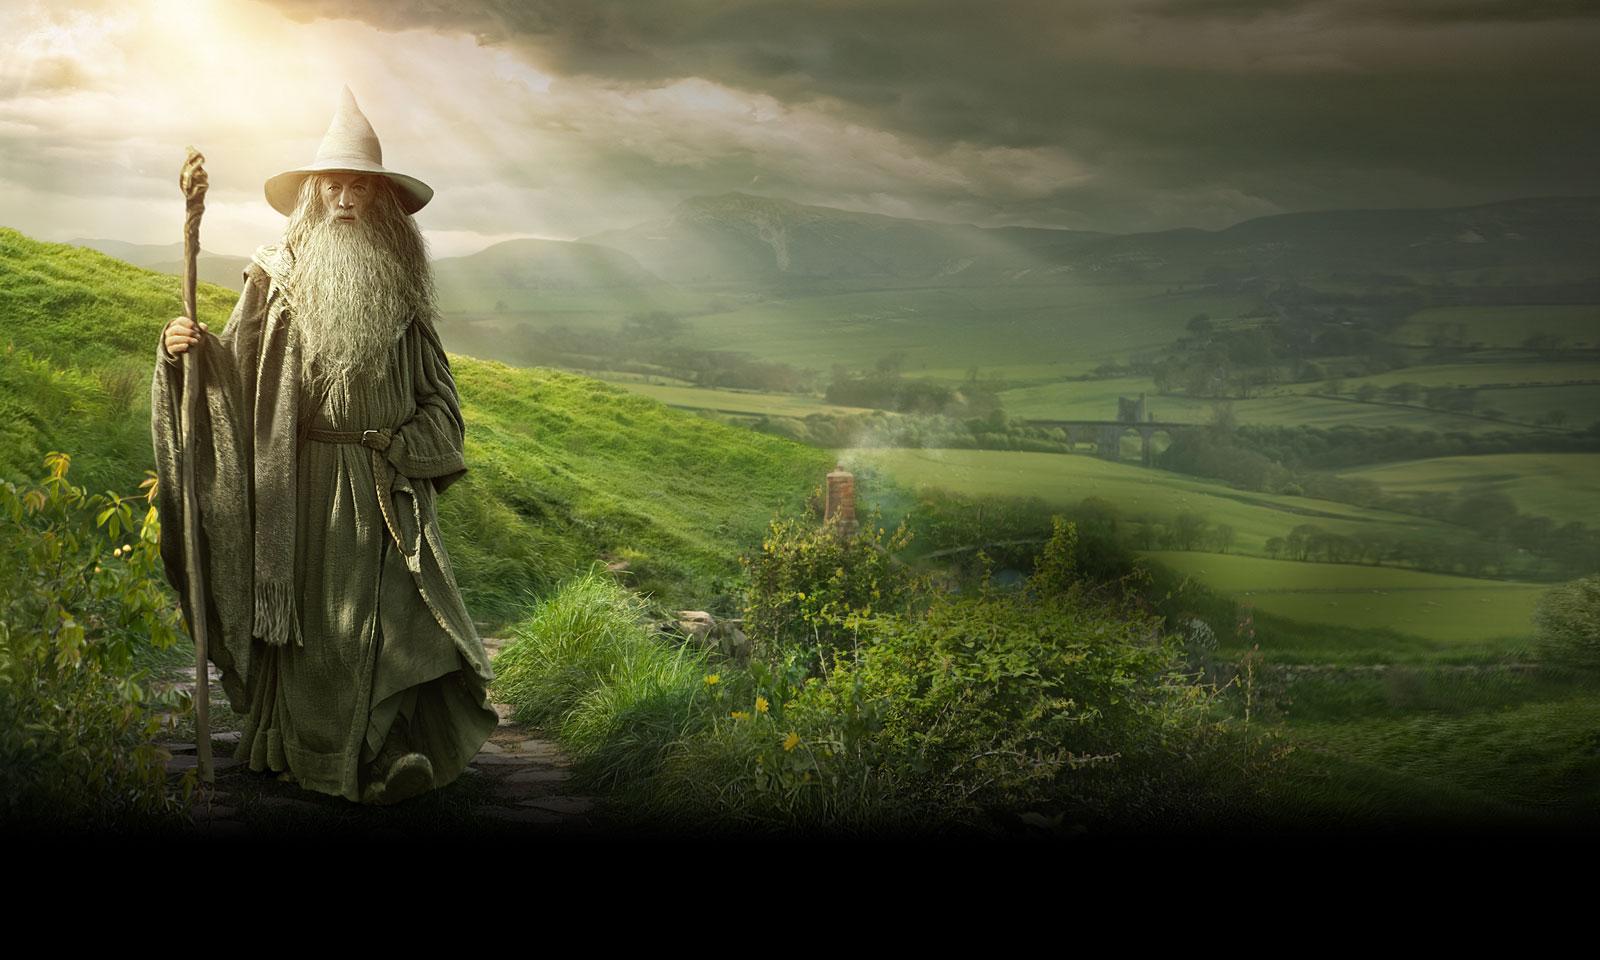 The Hobbit An Unexpected Journey Gandalf Wallpaper c Warner Bros 1600x960